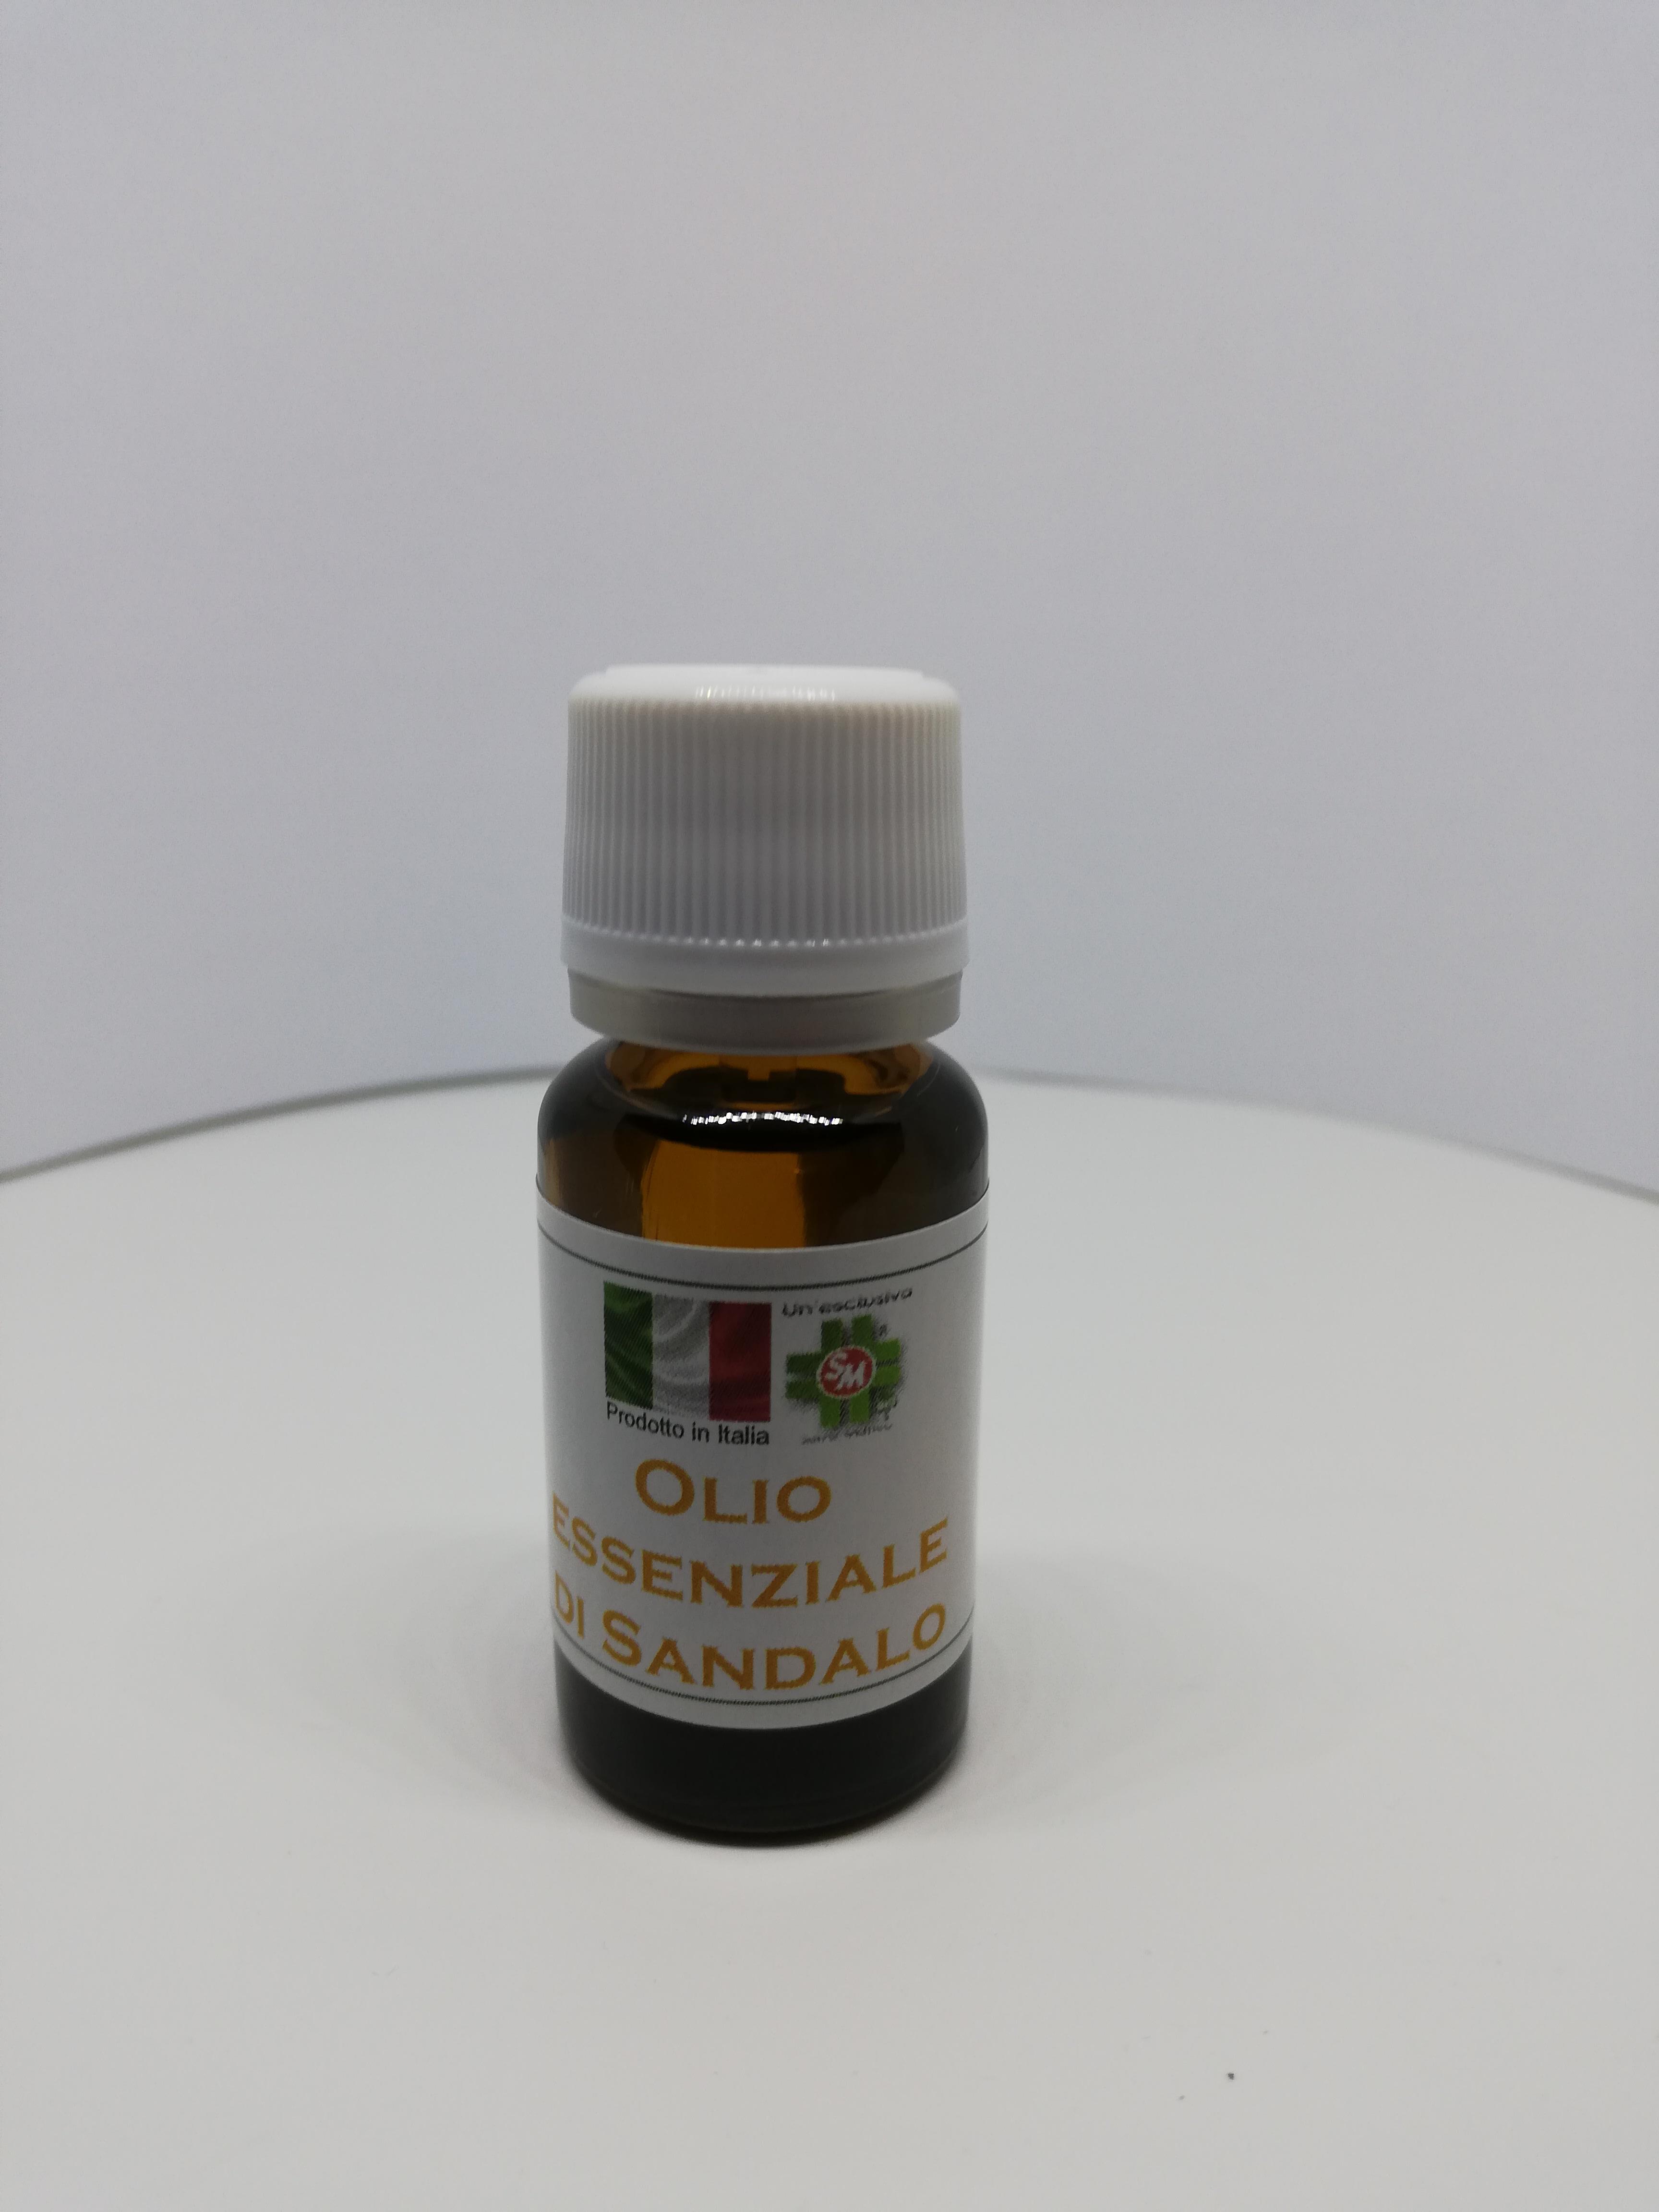 Natura di 10 essenziale Cura sandalo mlLa ti olio E29IDH